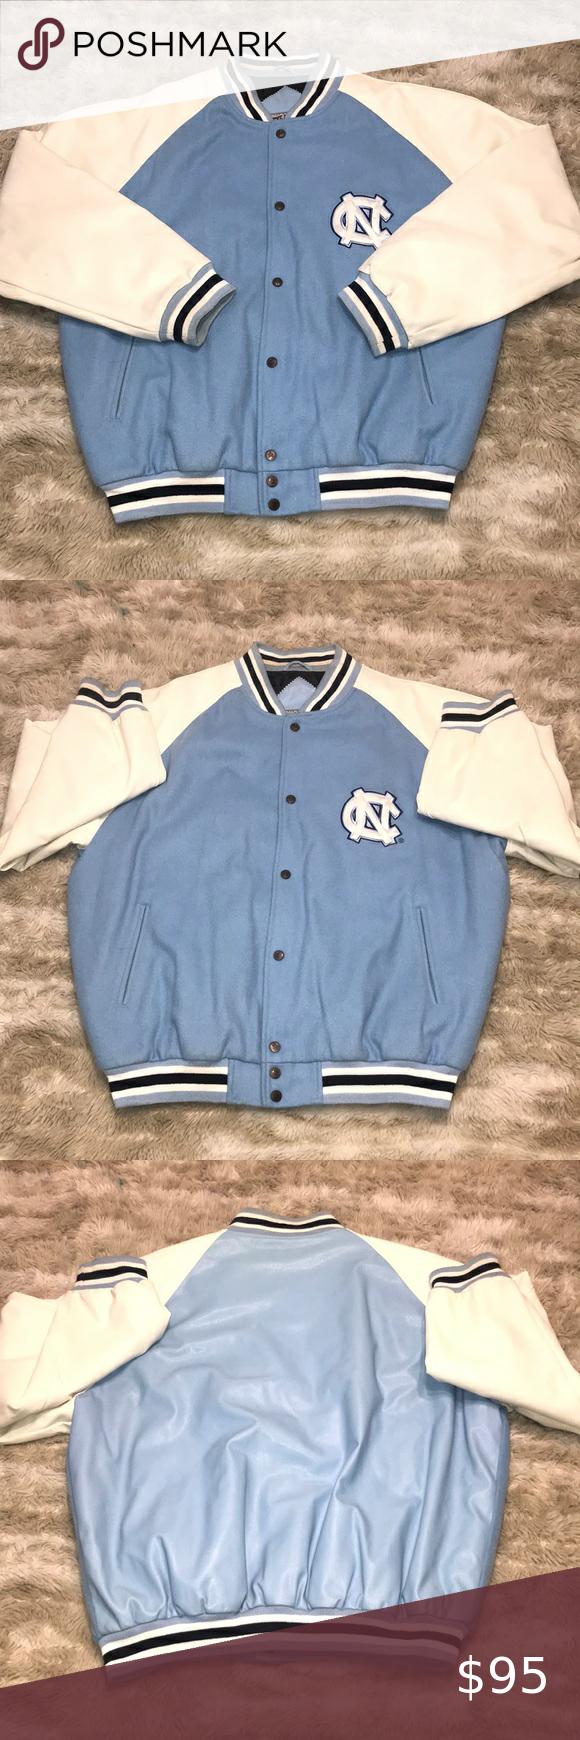 Vtg North Carolina Jacket Jackets Fashion Vintage Jacket [ 1740 x 580 Pixel ]